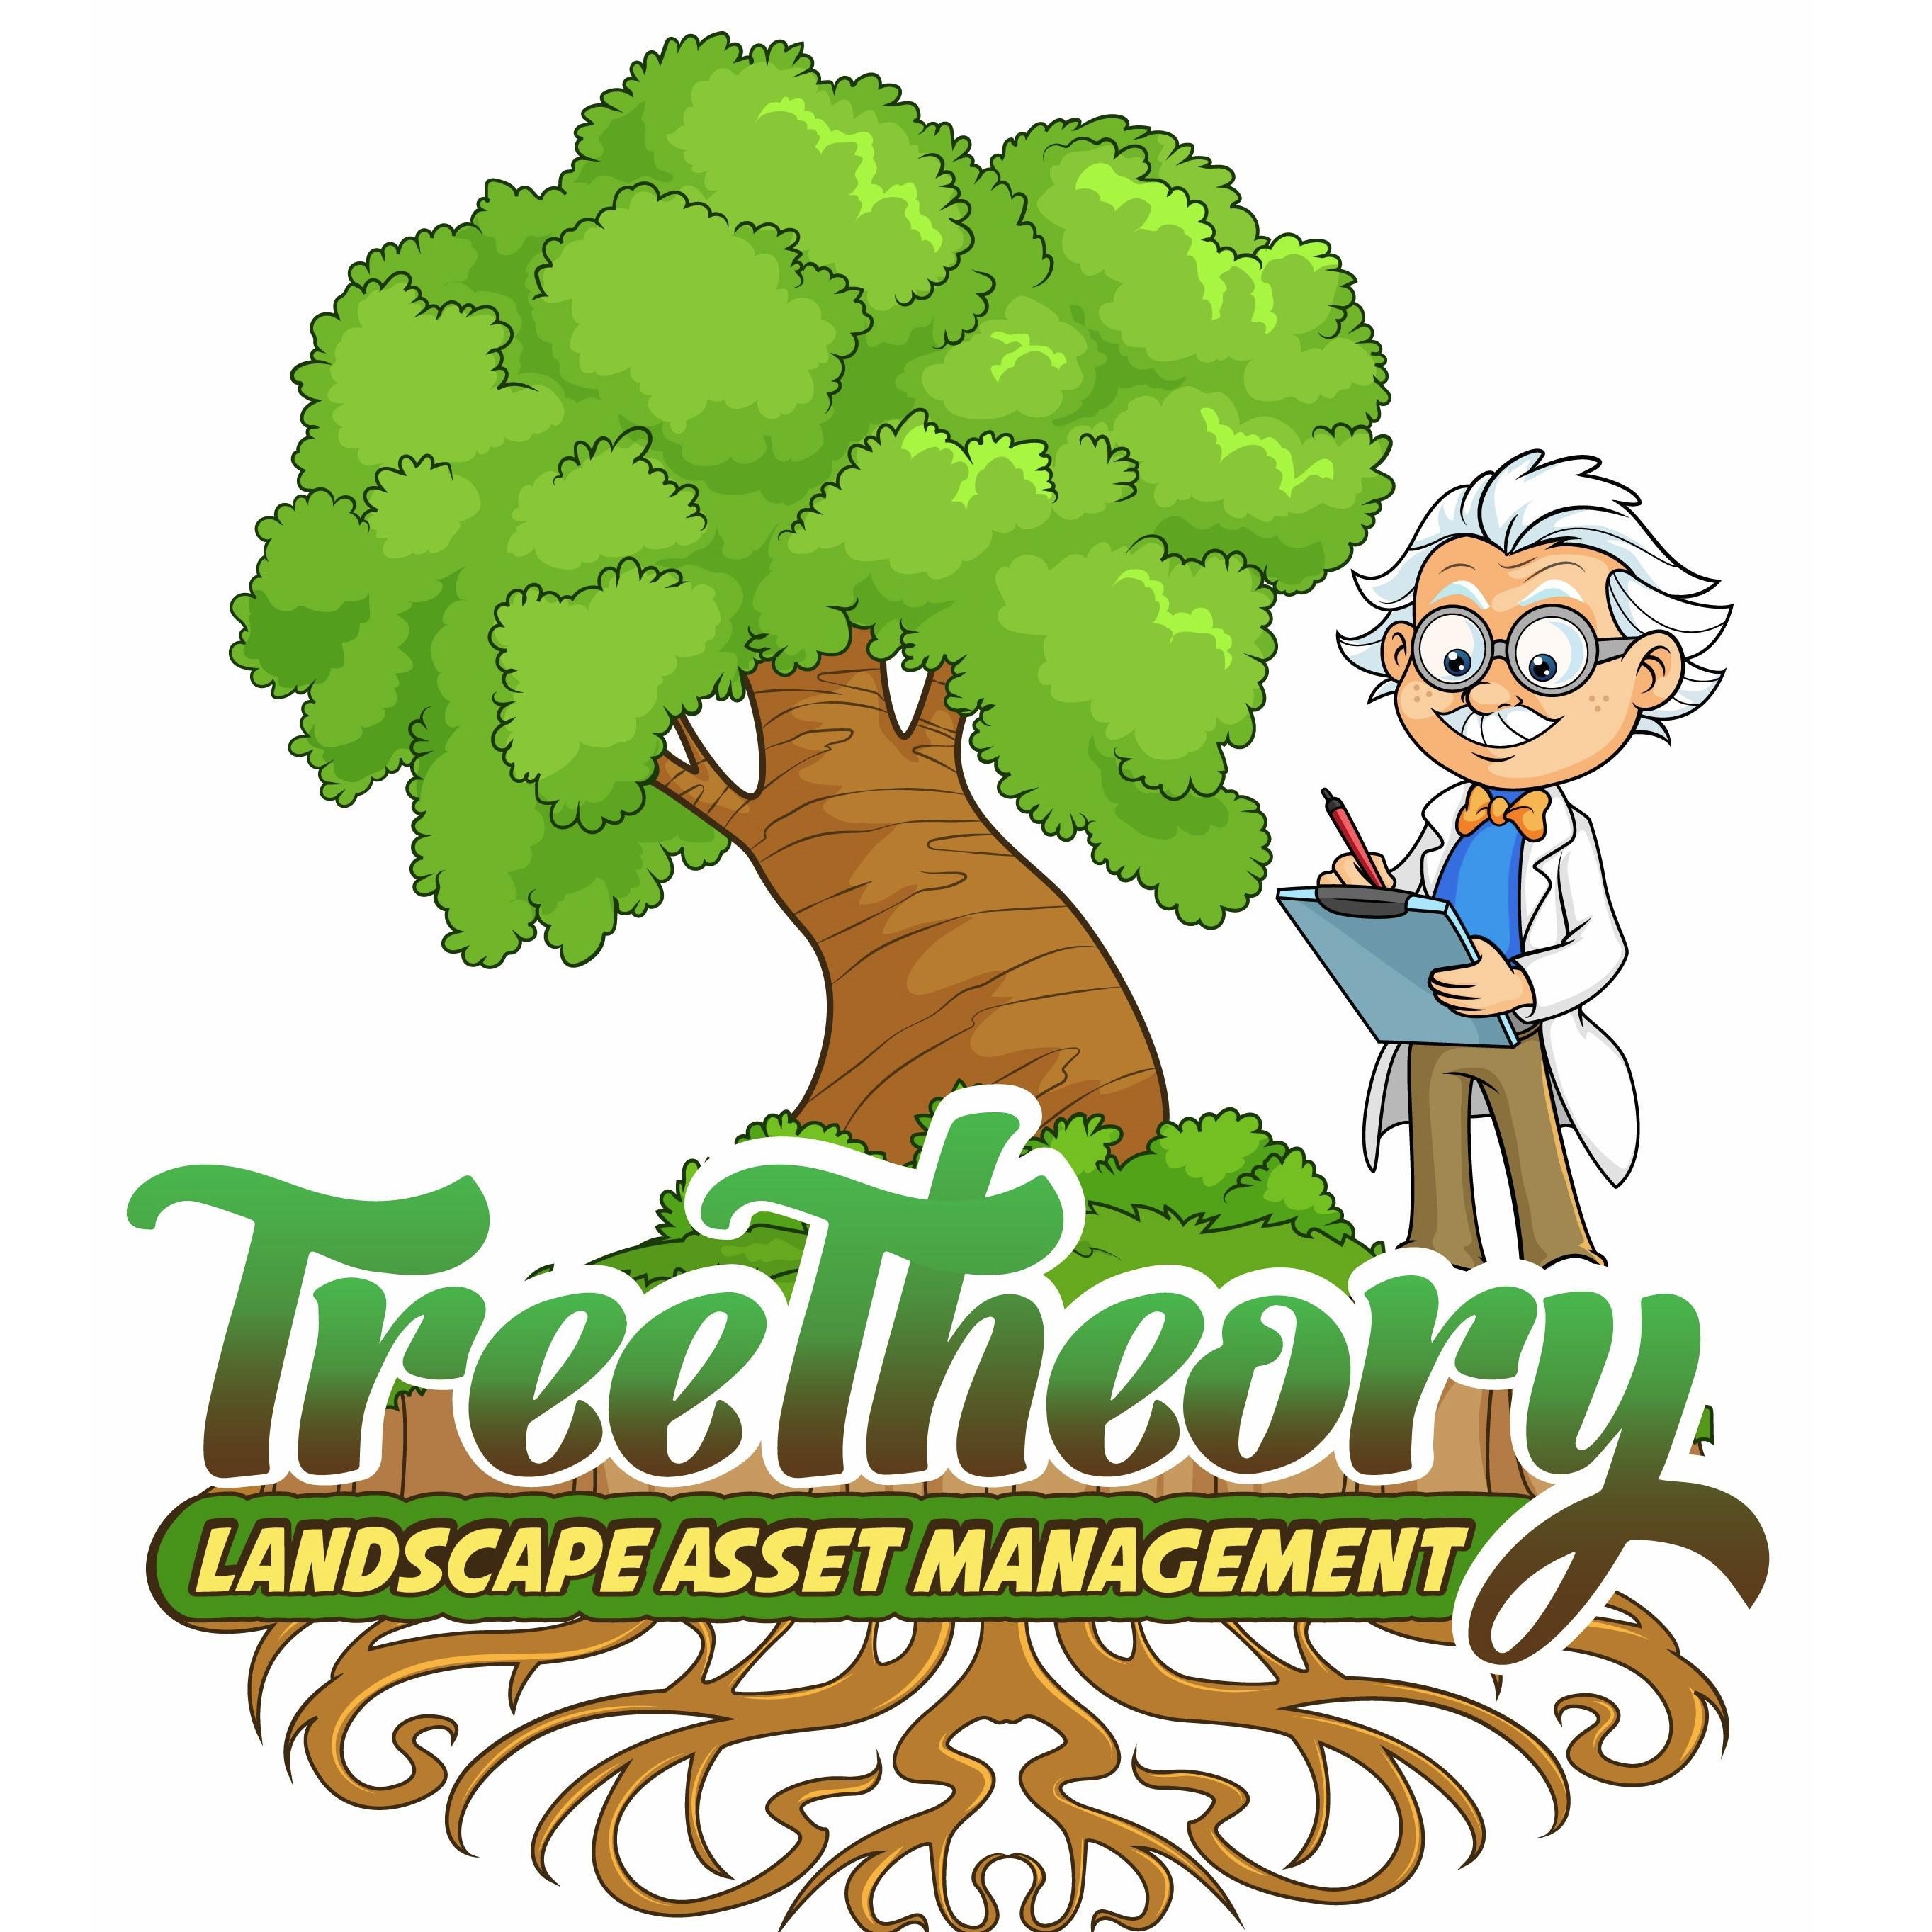 Tree Theory